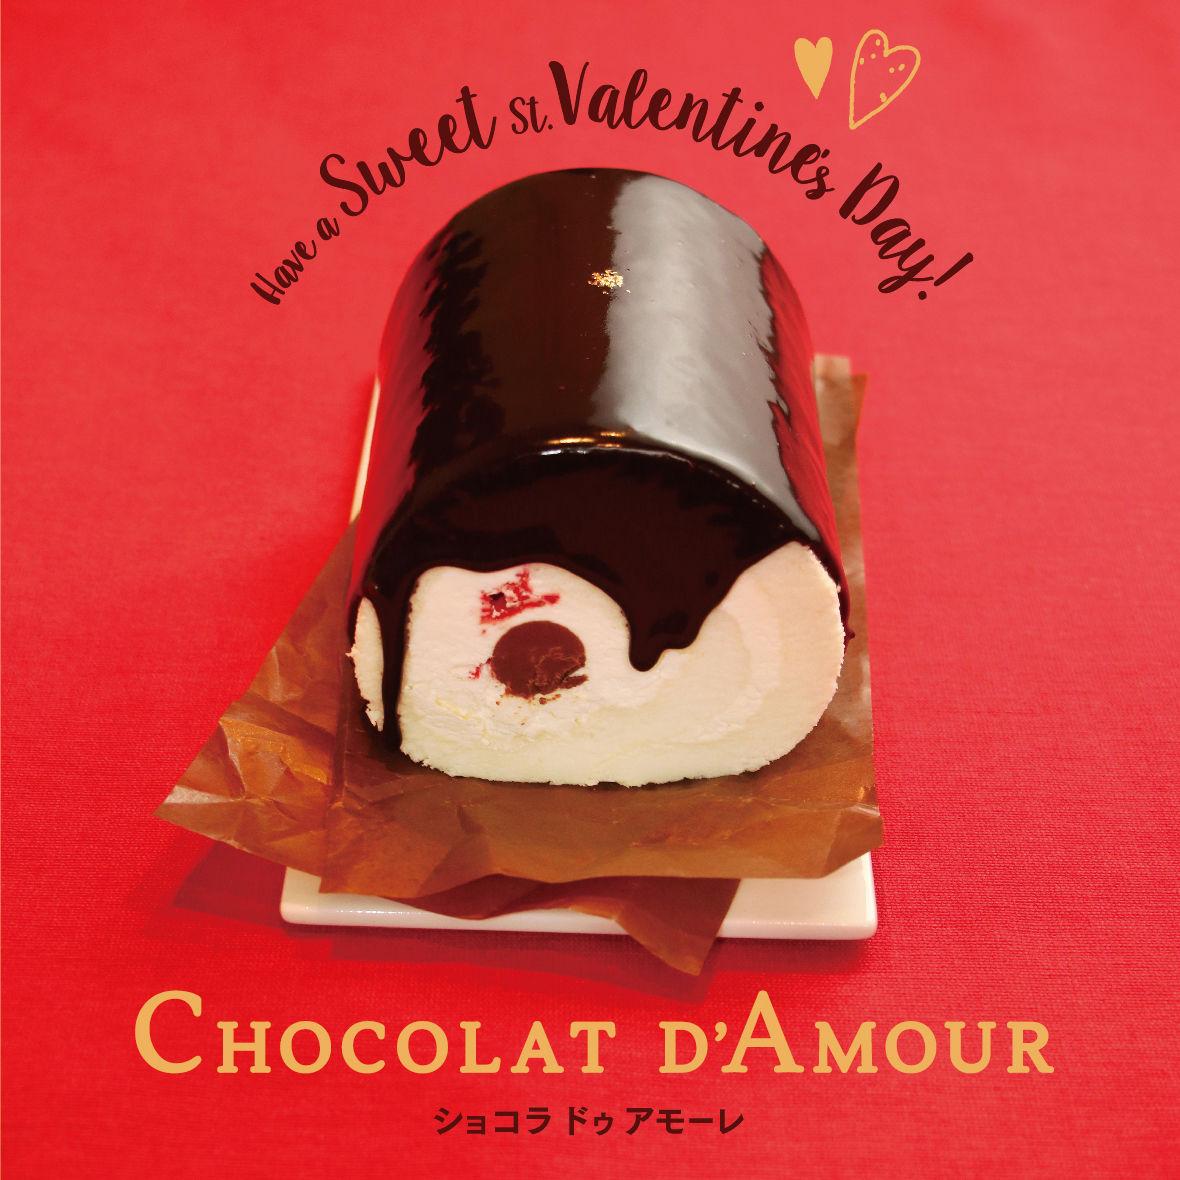 バレンタインロール『ショコラ ドゥ アモーレ』のお知らせ